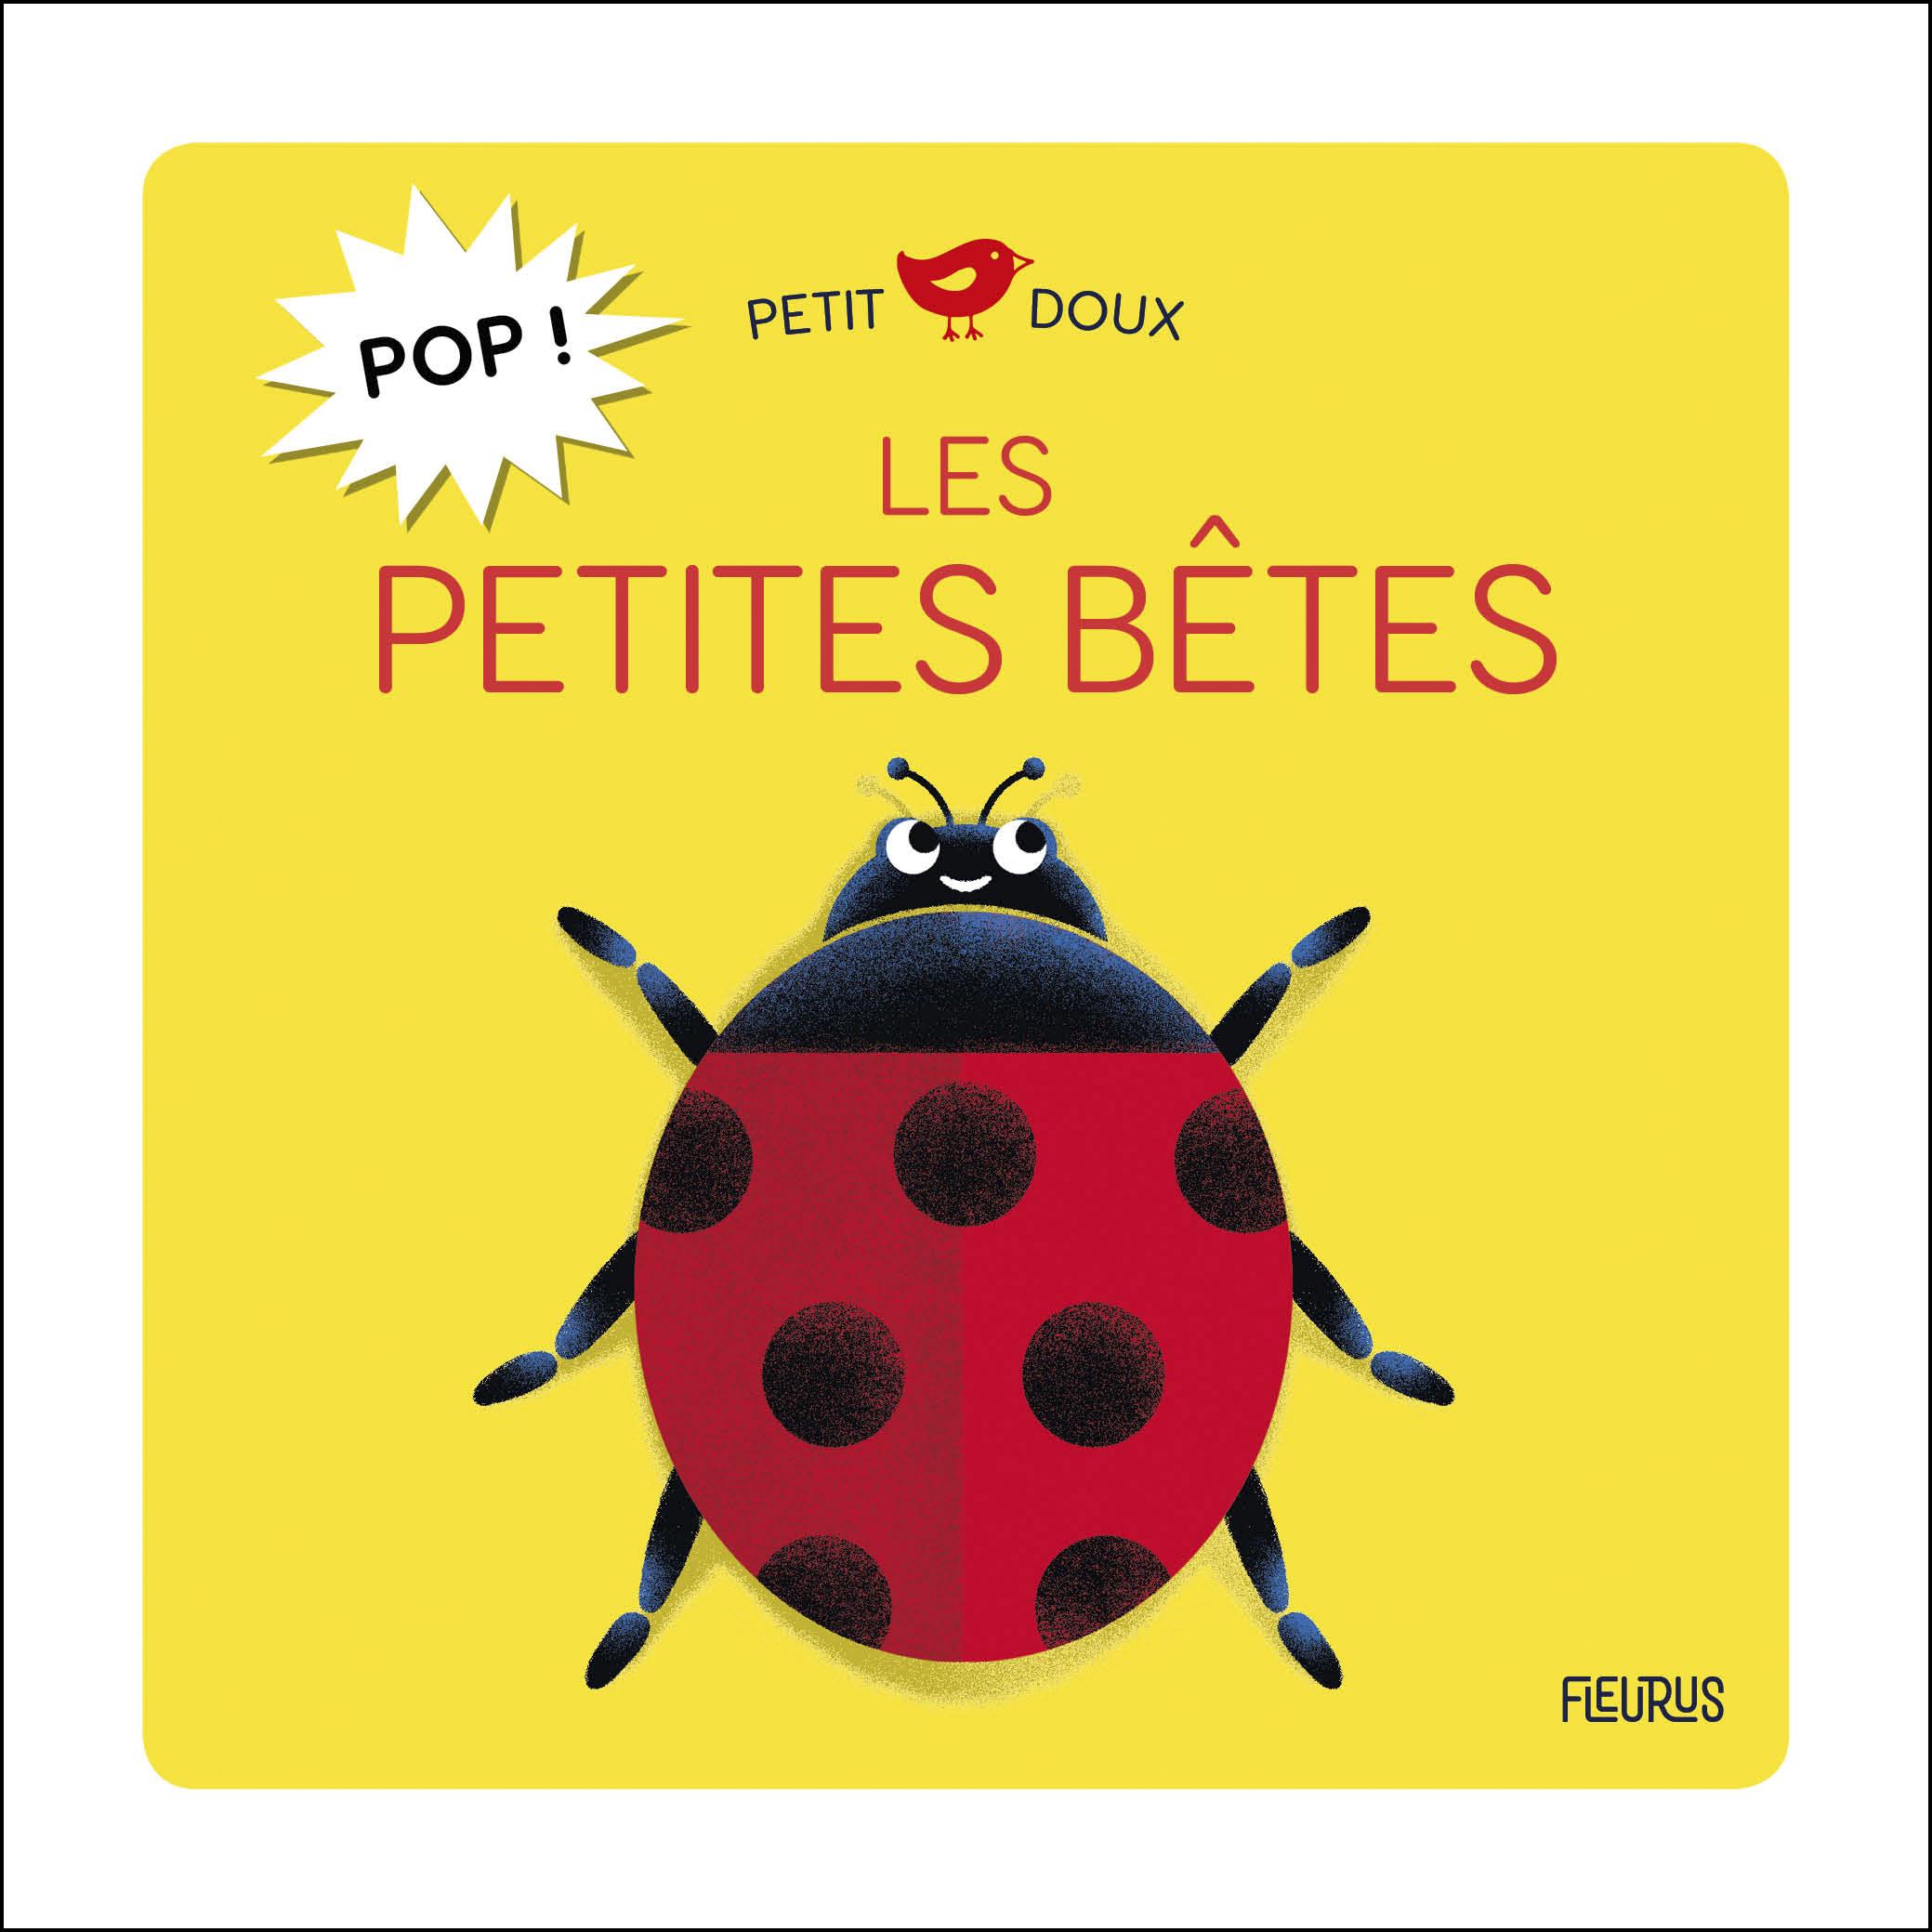 POP ! LES PETITES BETES